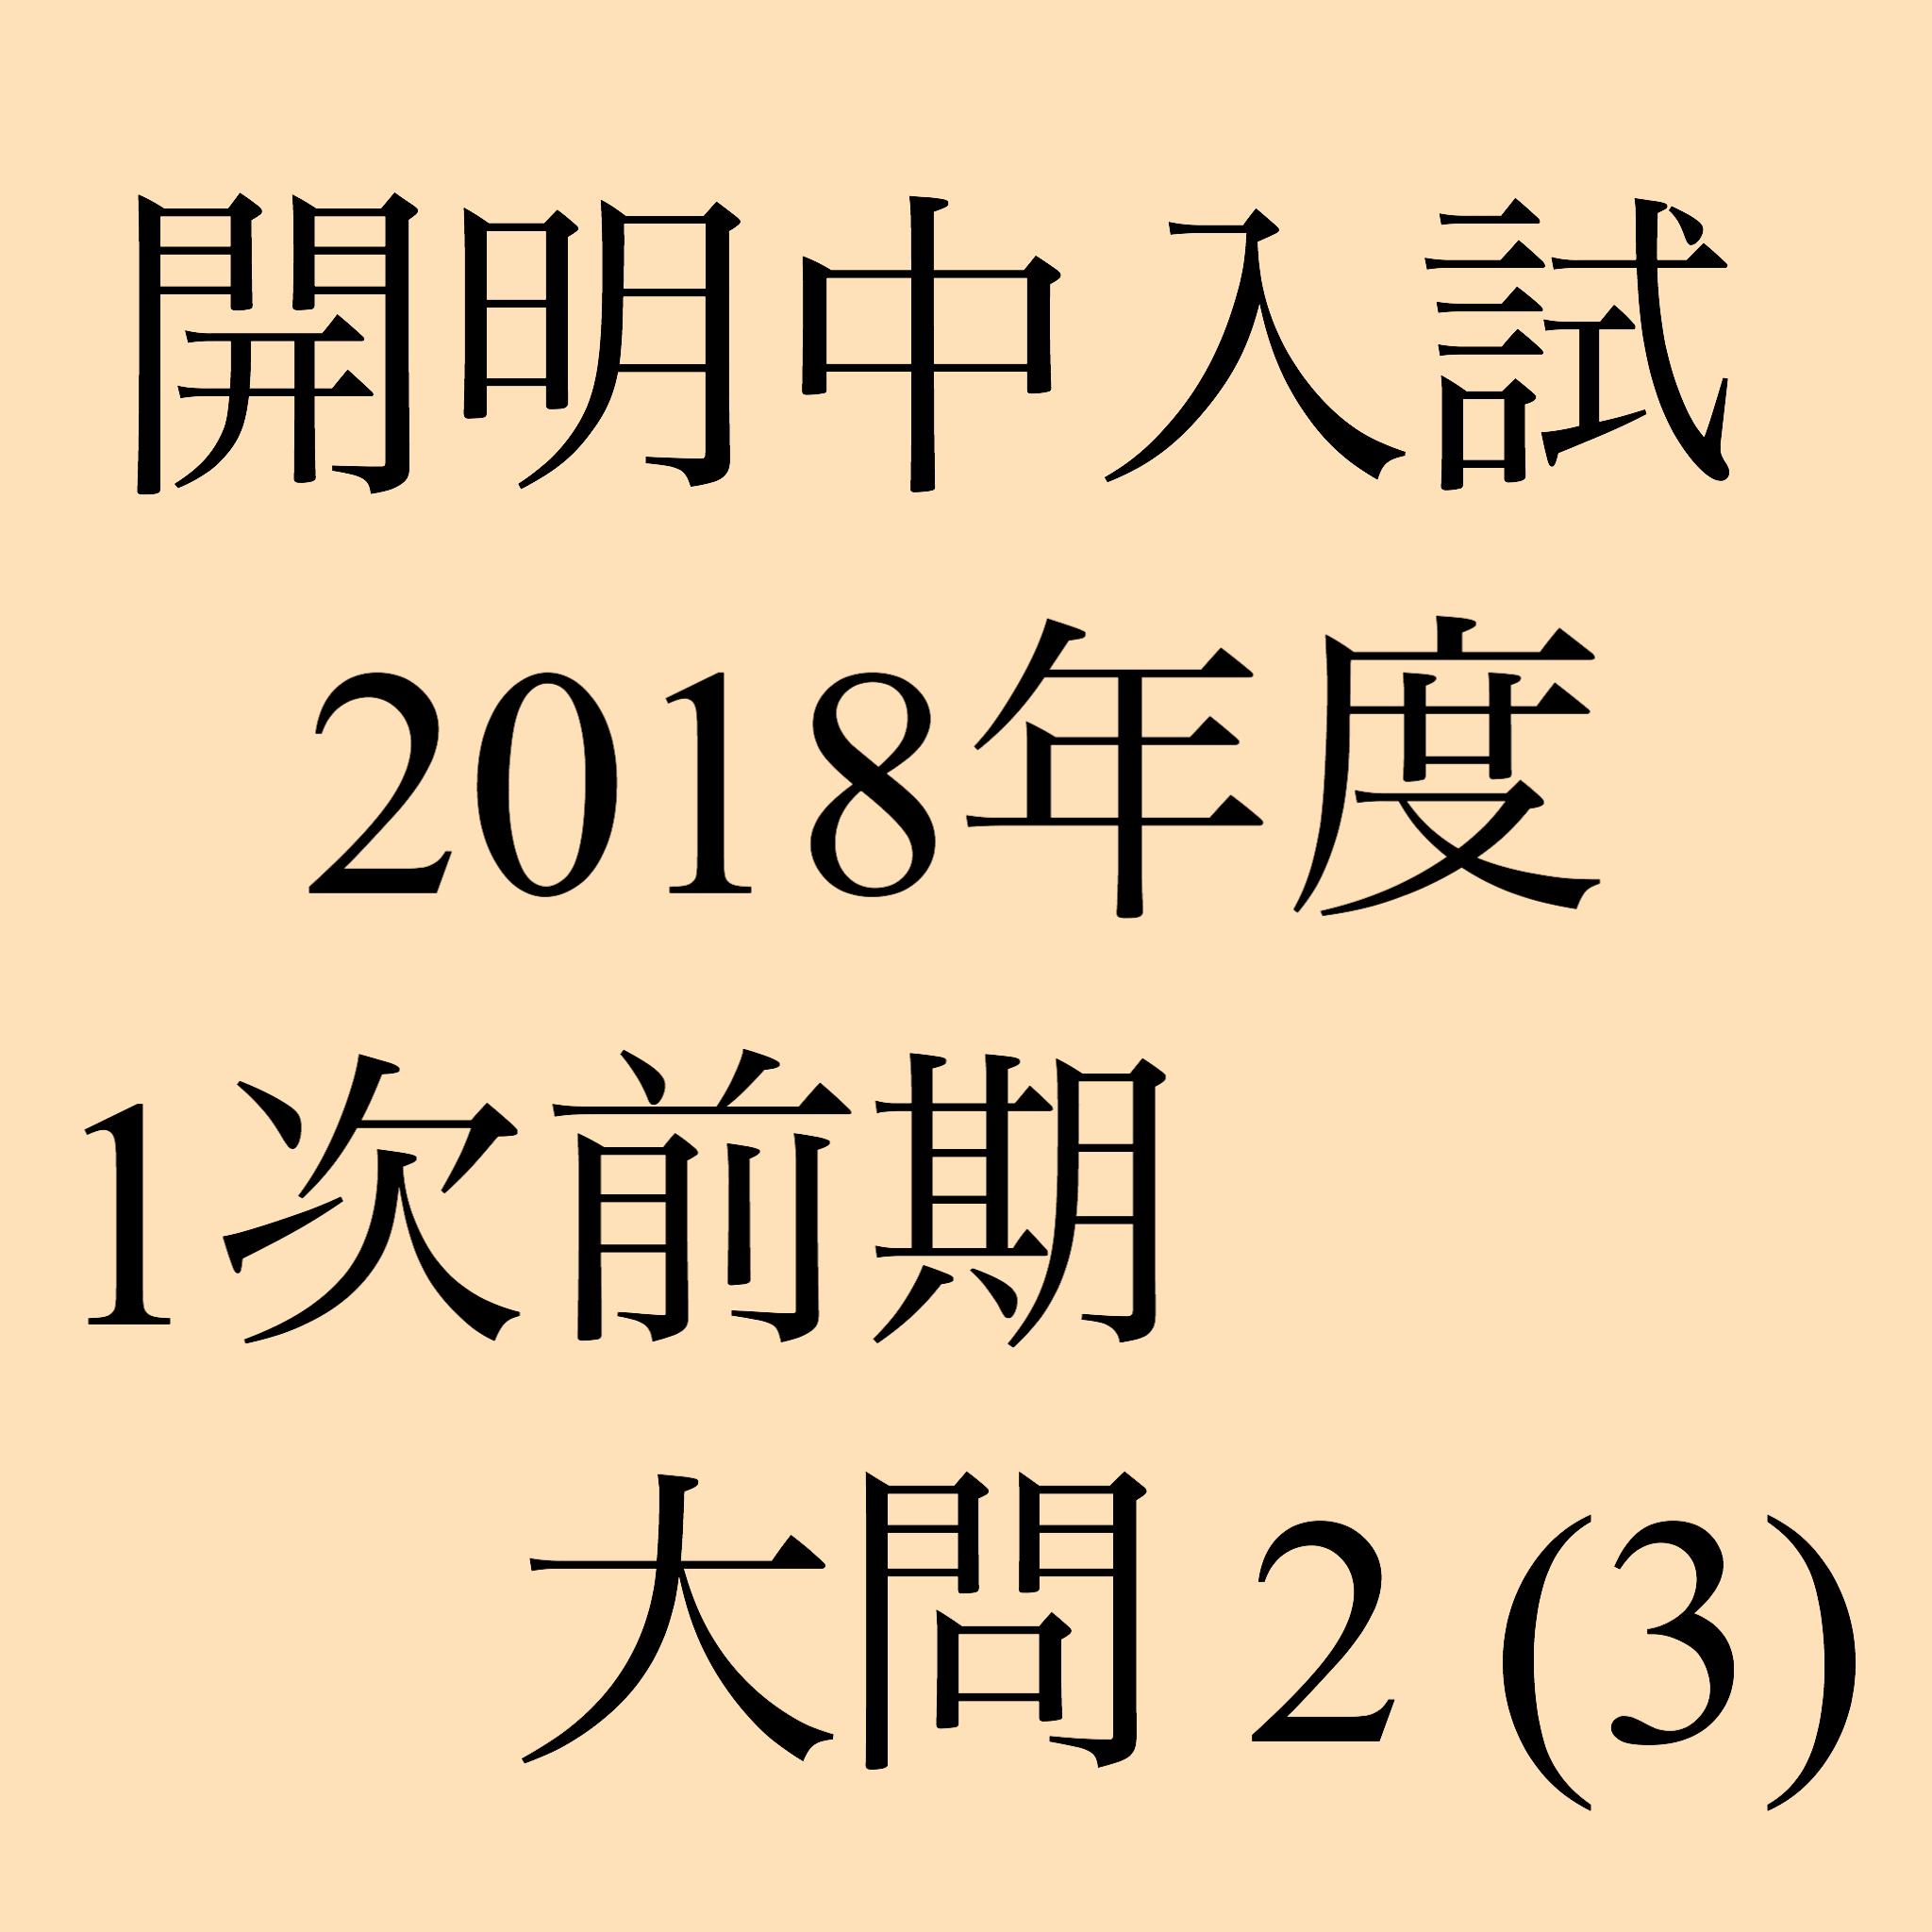 【開明中入試】2018年度1次前期大問2 (3)